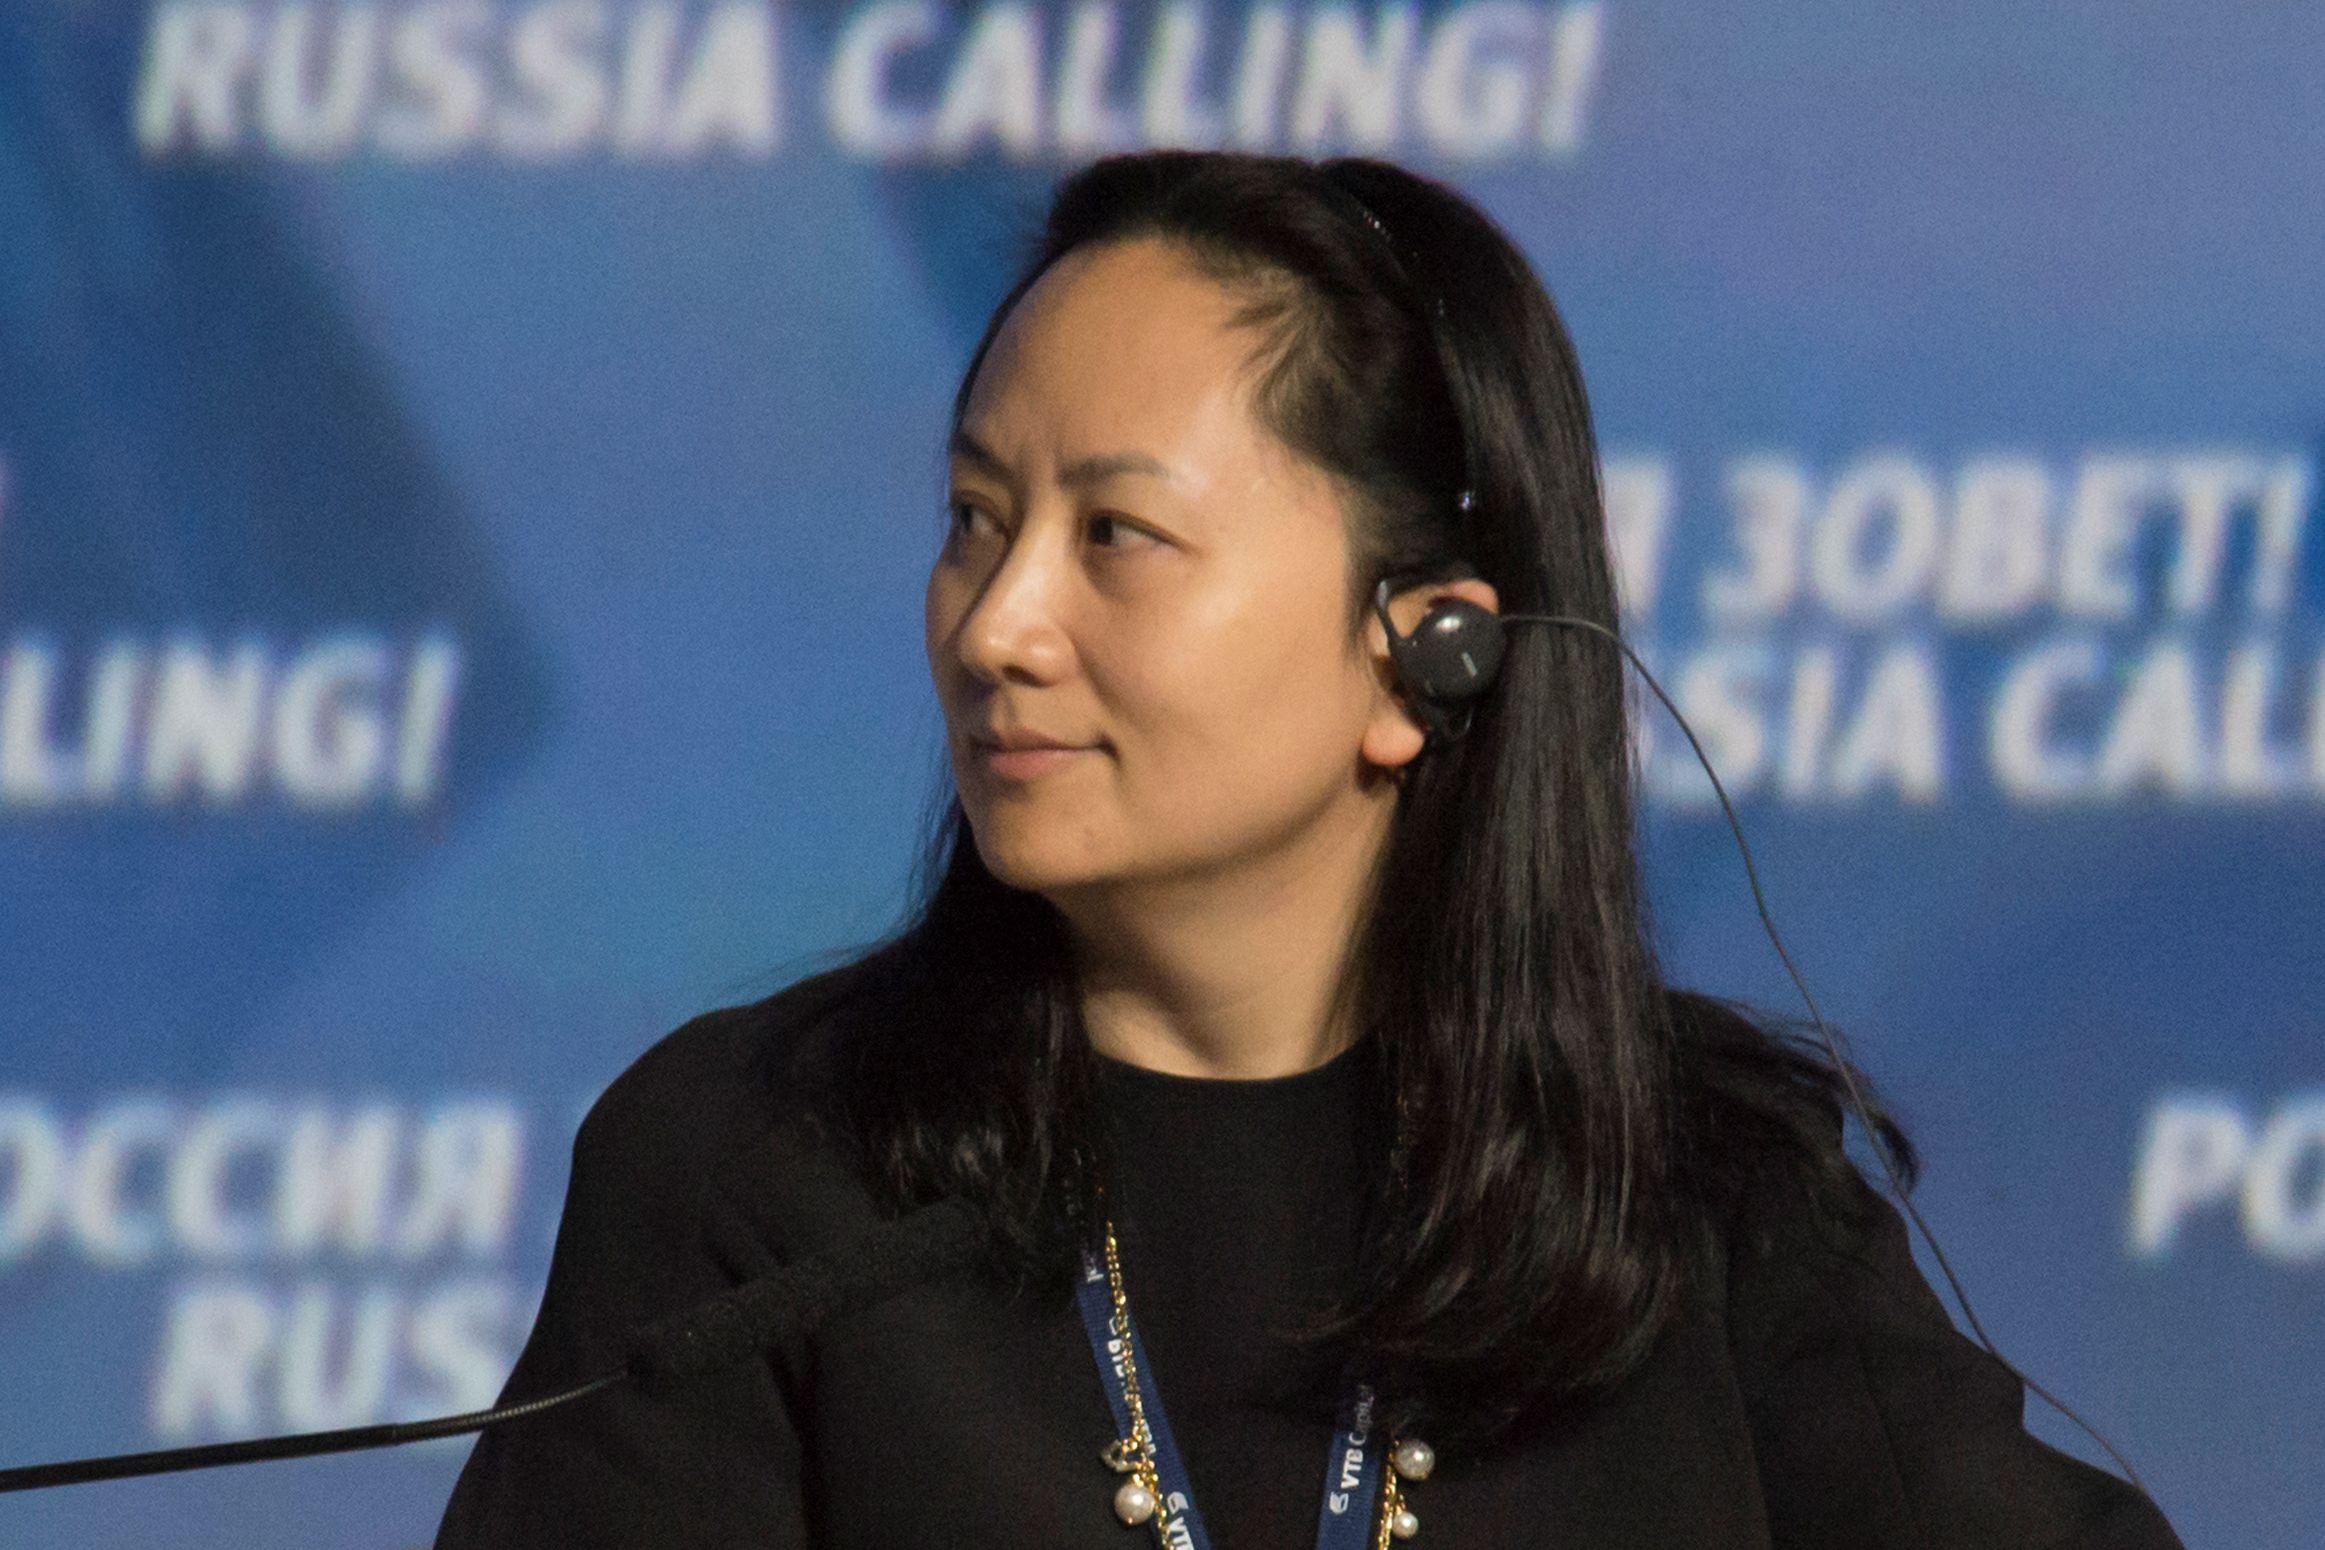 Diretora da Huawei acusada de fraude saiu em liberdade condicional